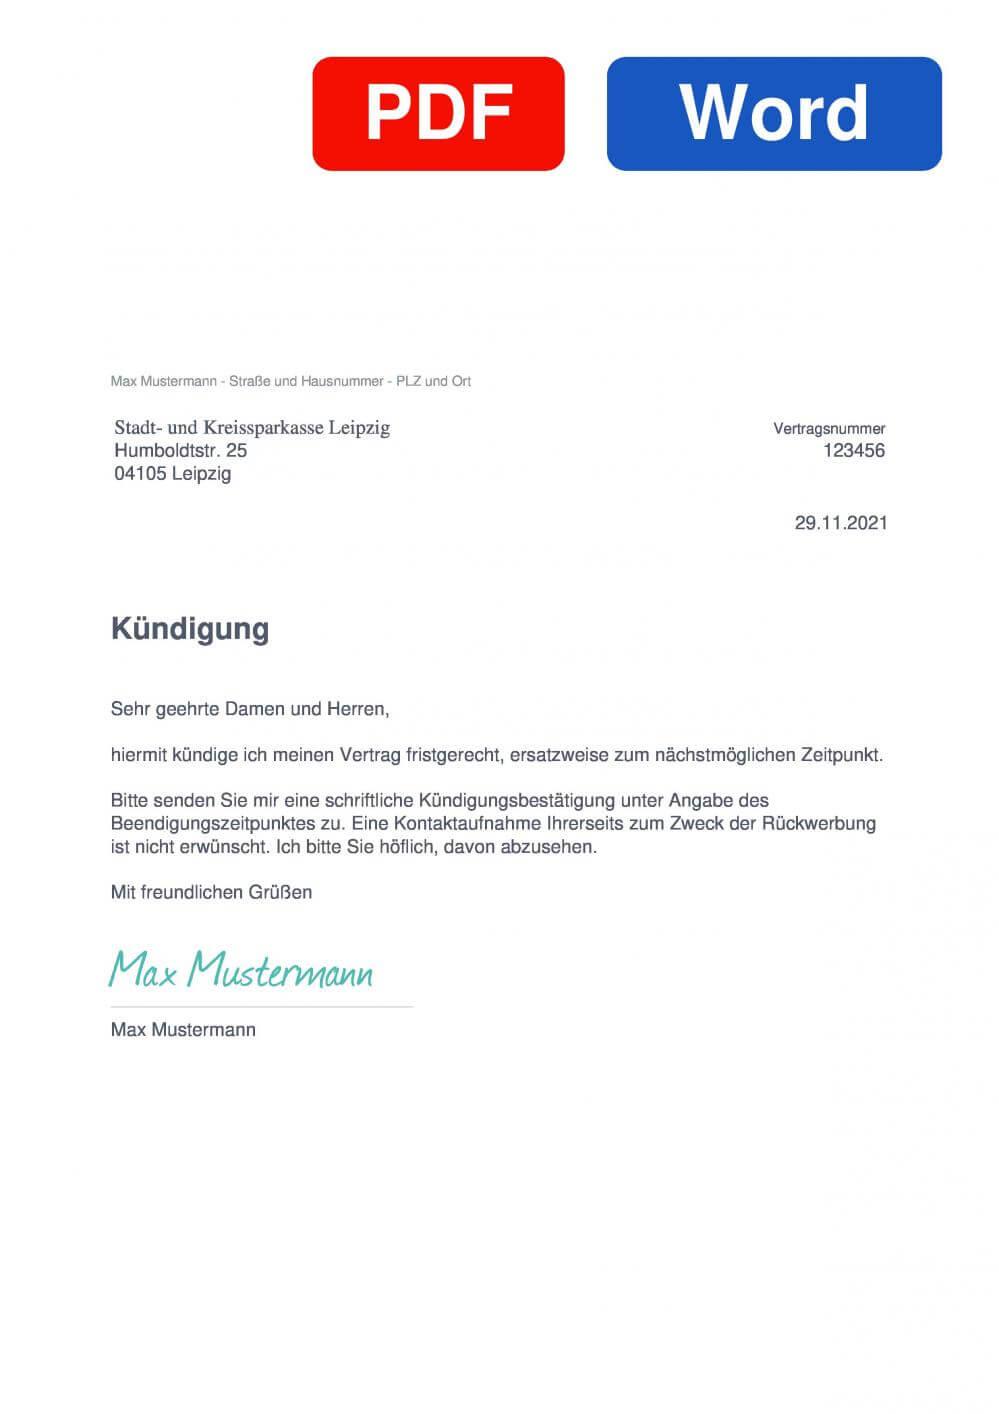 Sparkasse Leipzig Muster Vorlage für Kündigungsschreiben